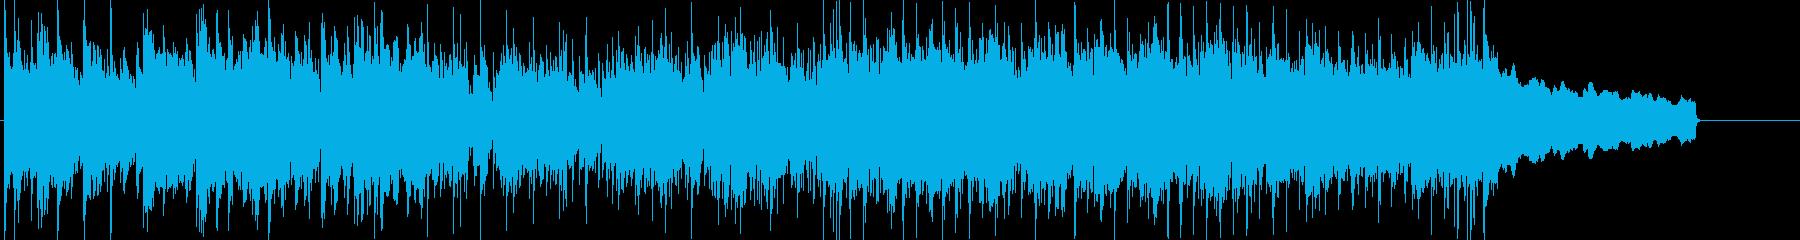 スイーツレシピ動画をイメージしたインストの再生済みの波形